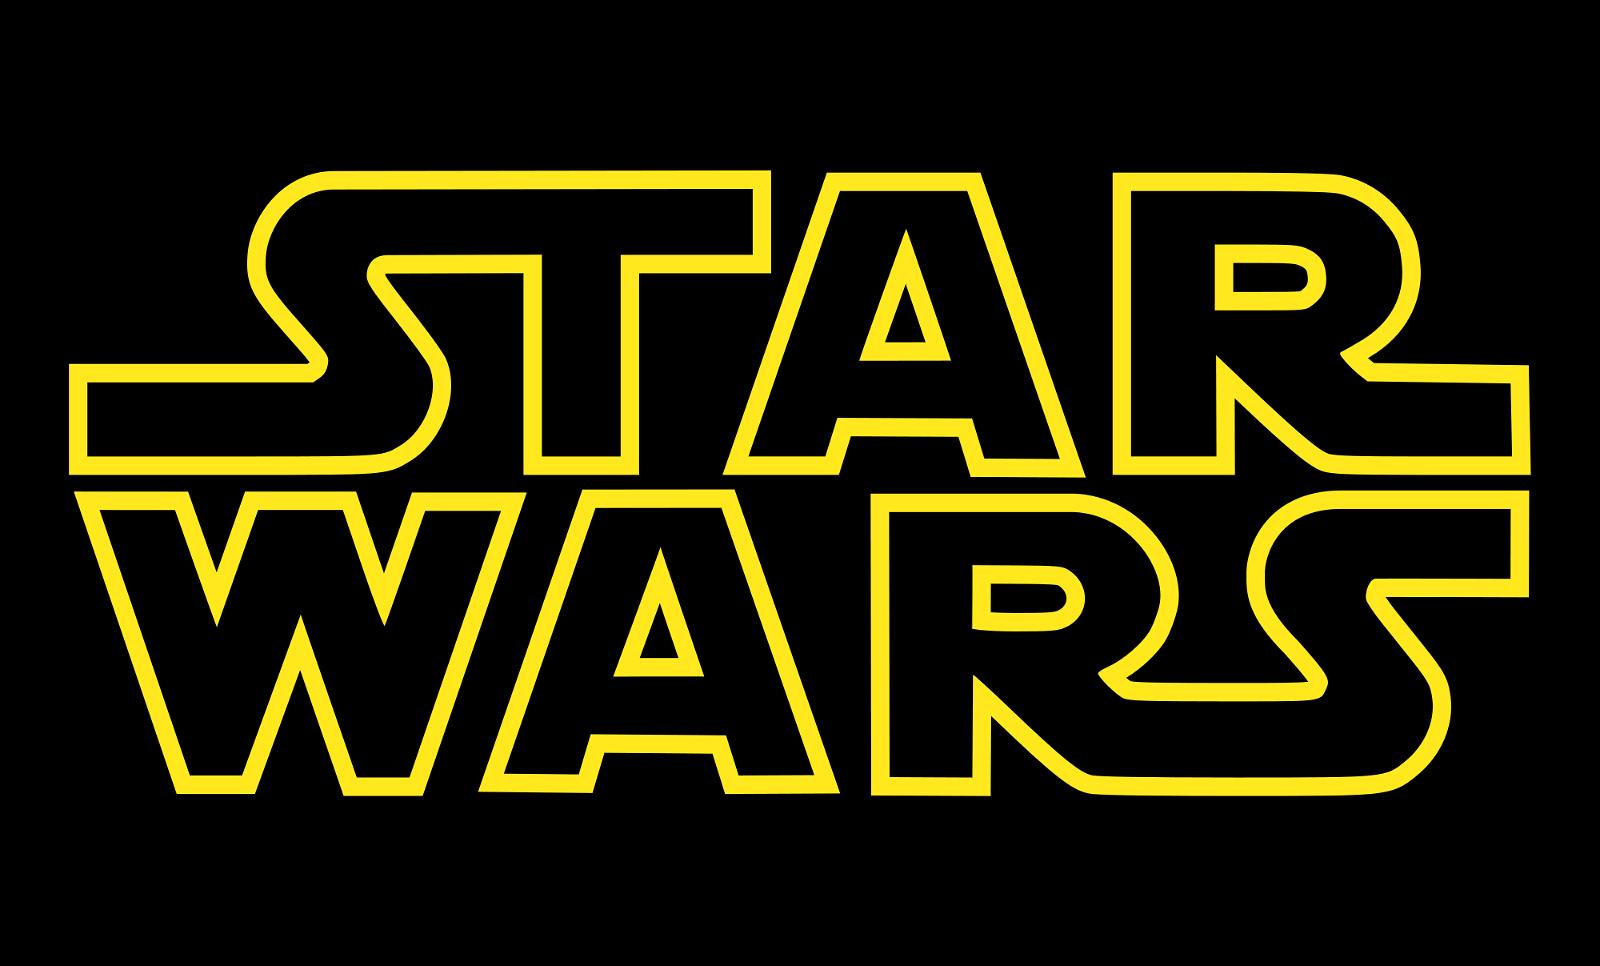 Star Wars: Disney desvela detalles del parque temático